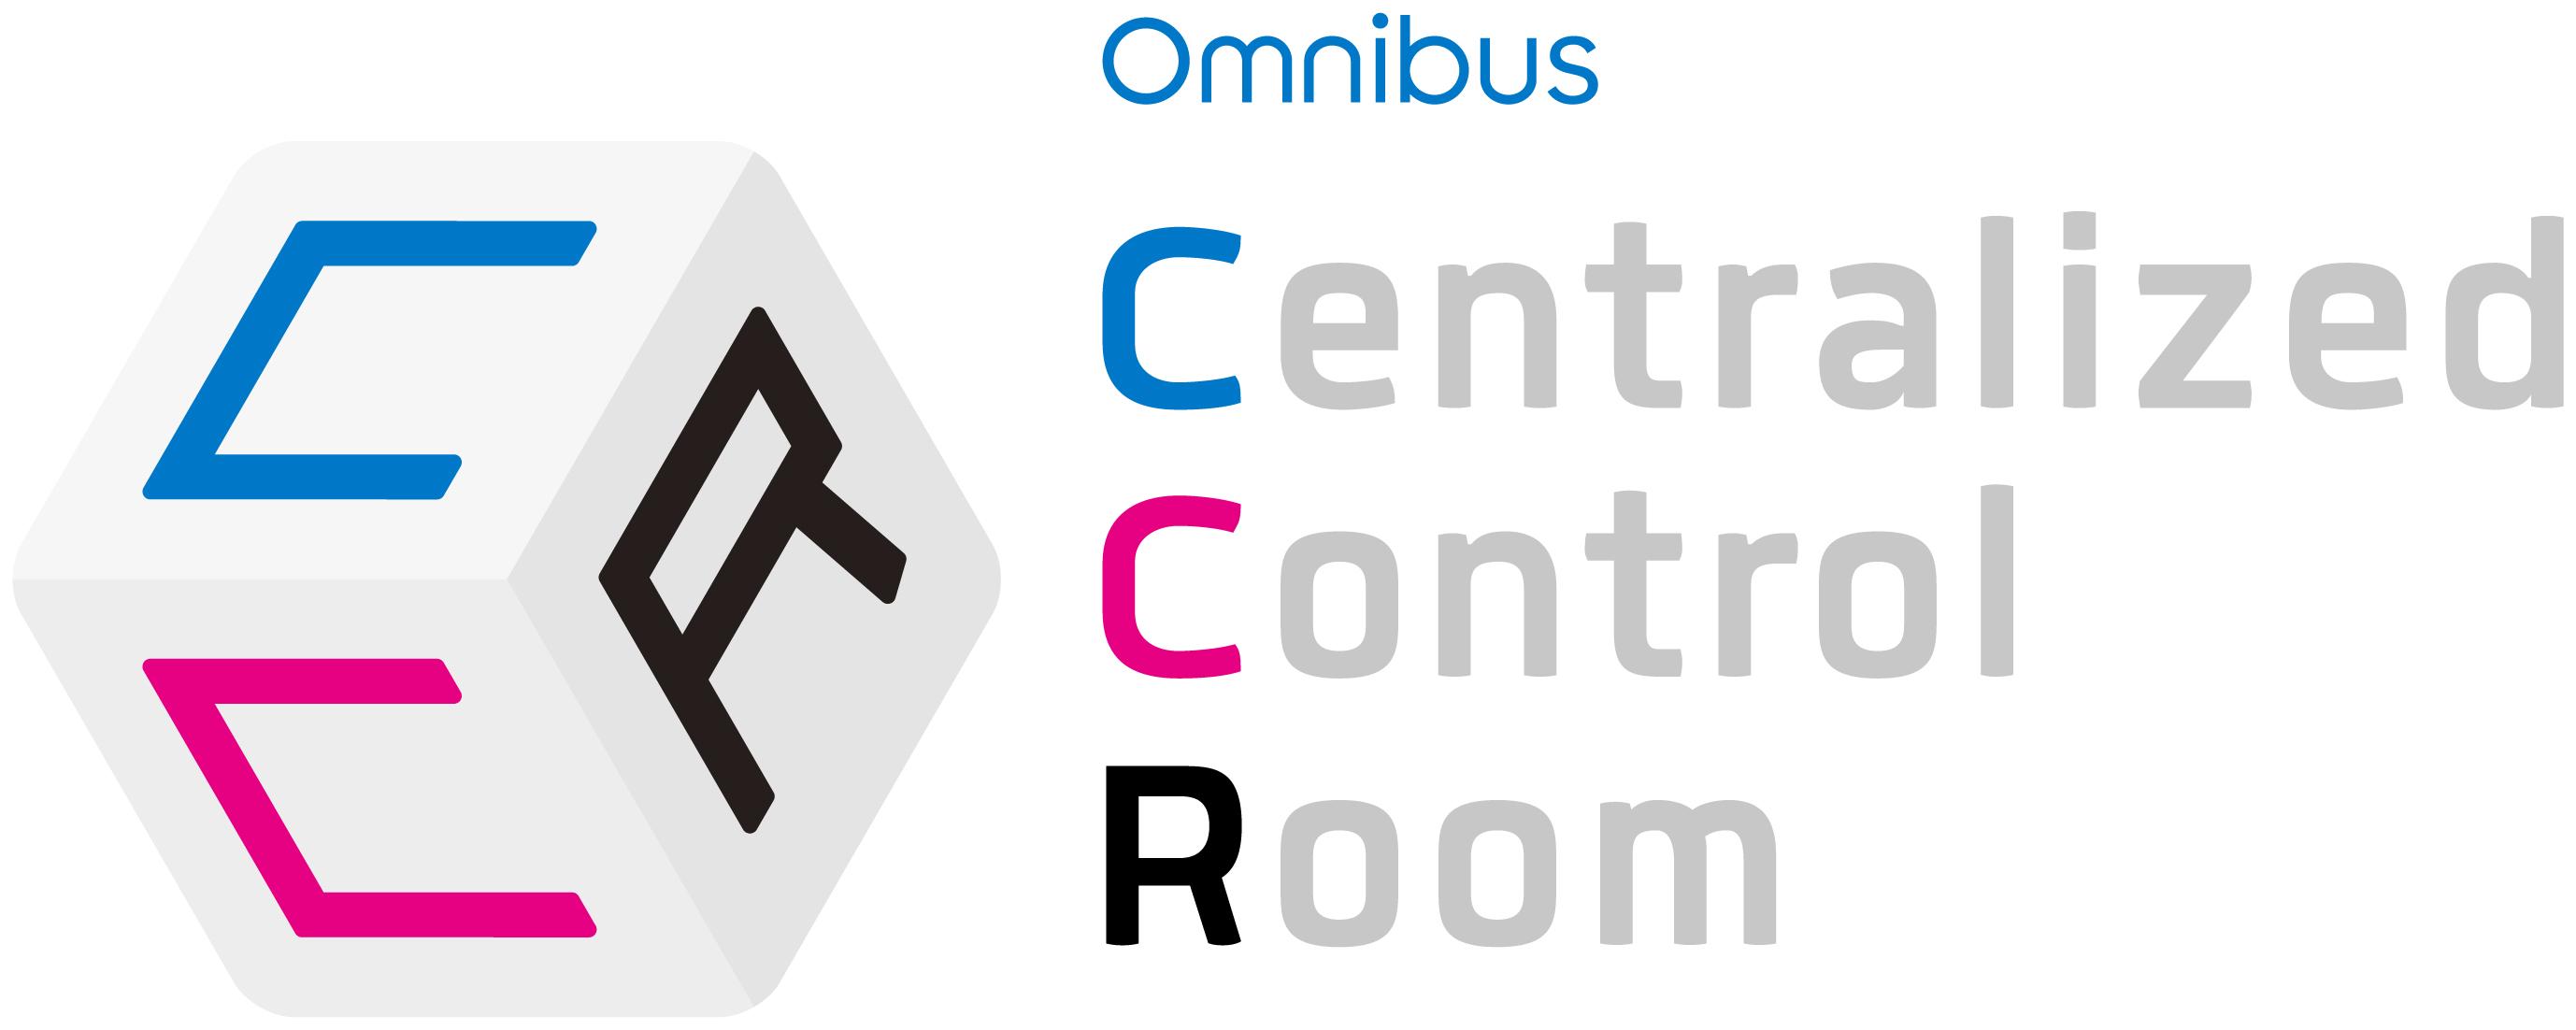 トレーディングデスク(運用型広告代行)サービス CCR